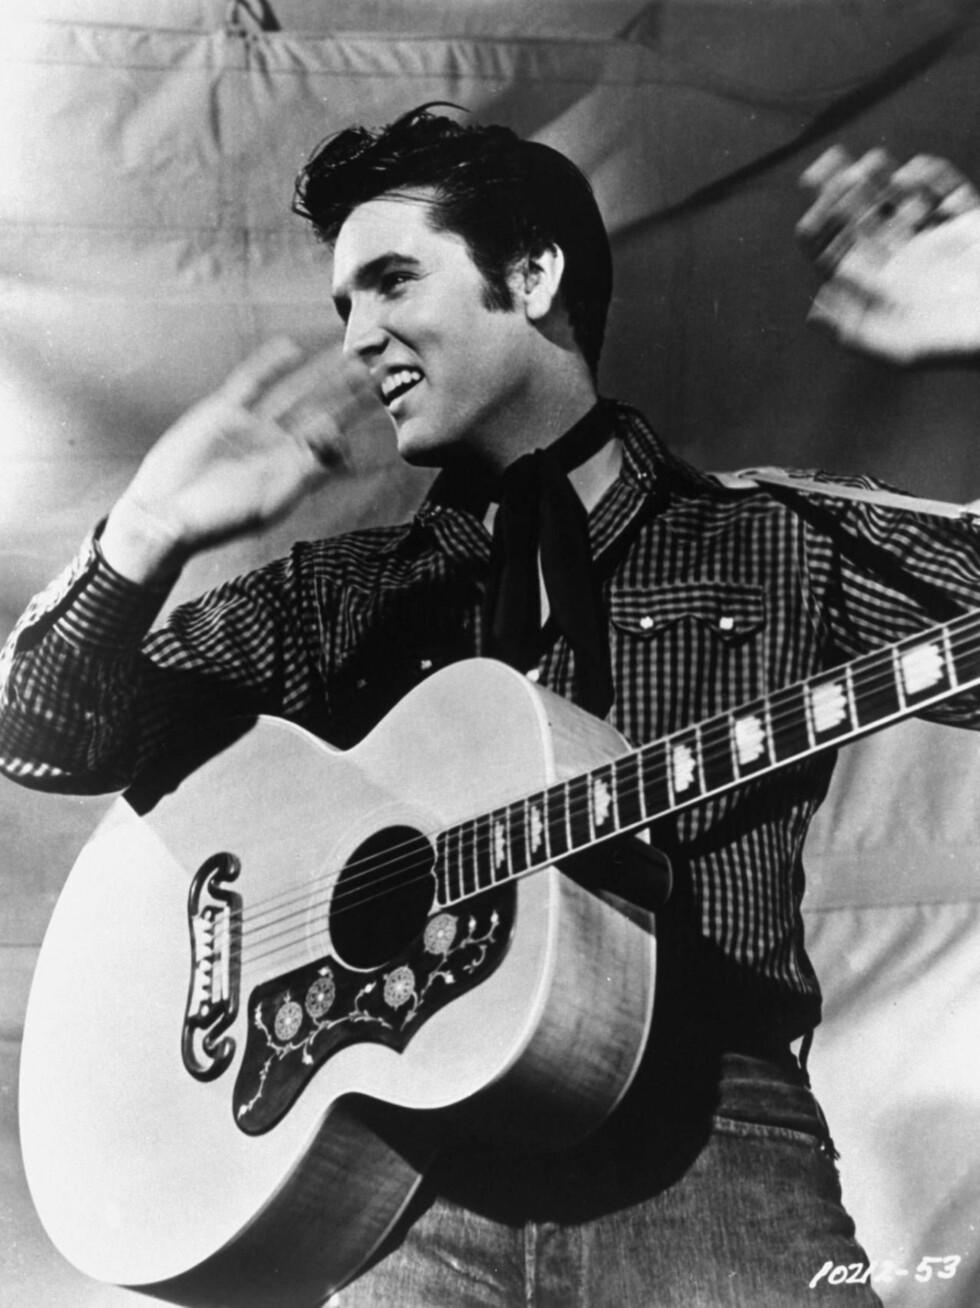 MILLIONÆR: Elvis gikk bort i 1977, eller gjorde han egentlig det? Rik er han uansett tilstand.